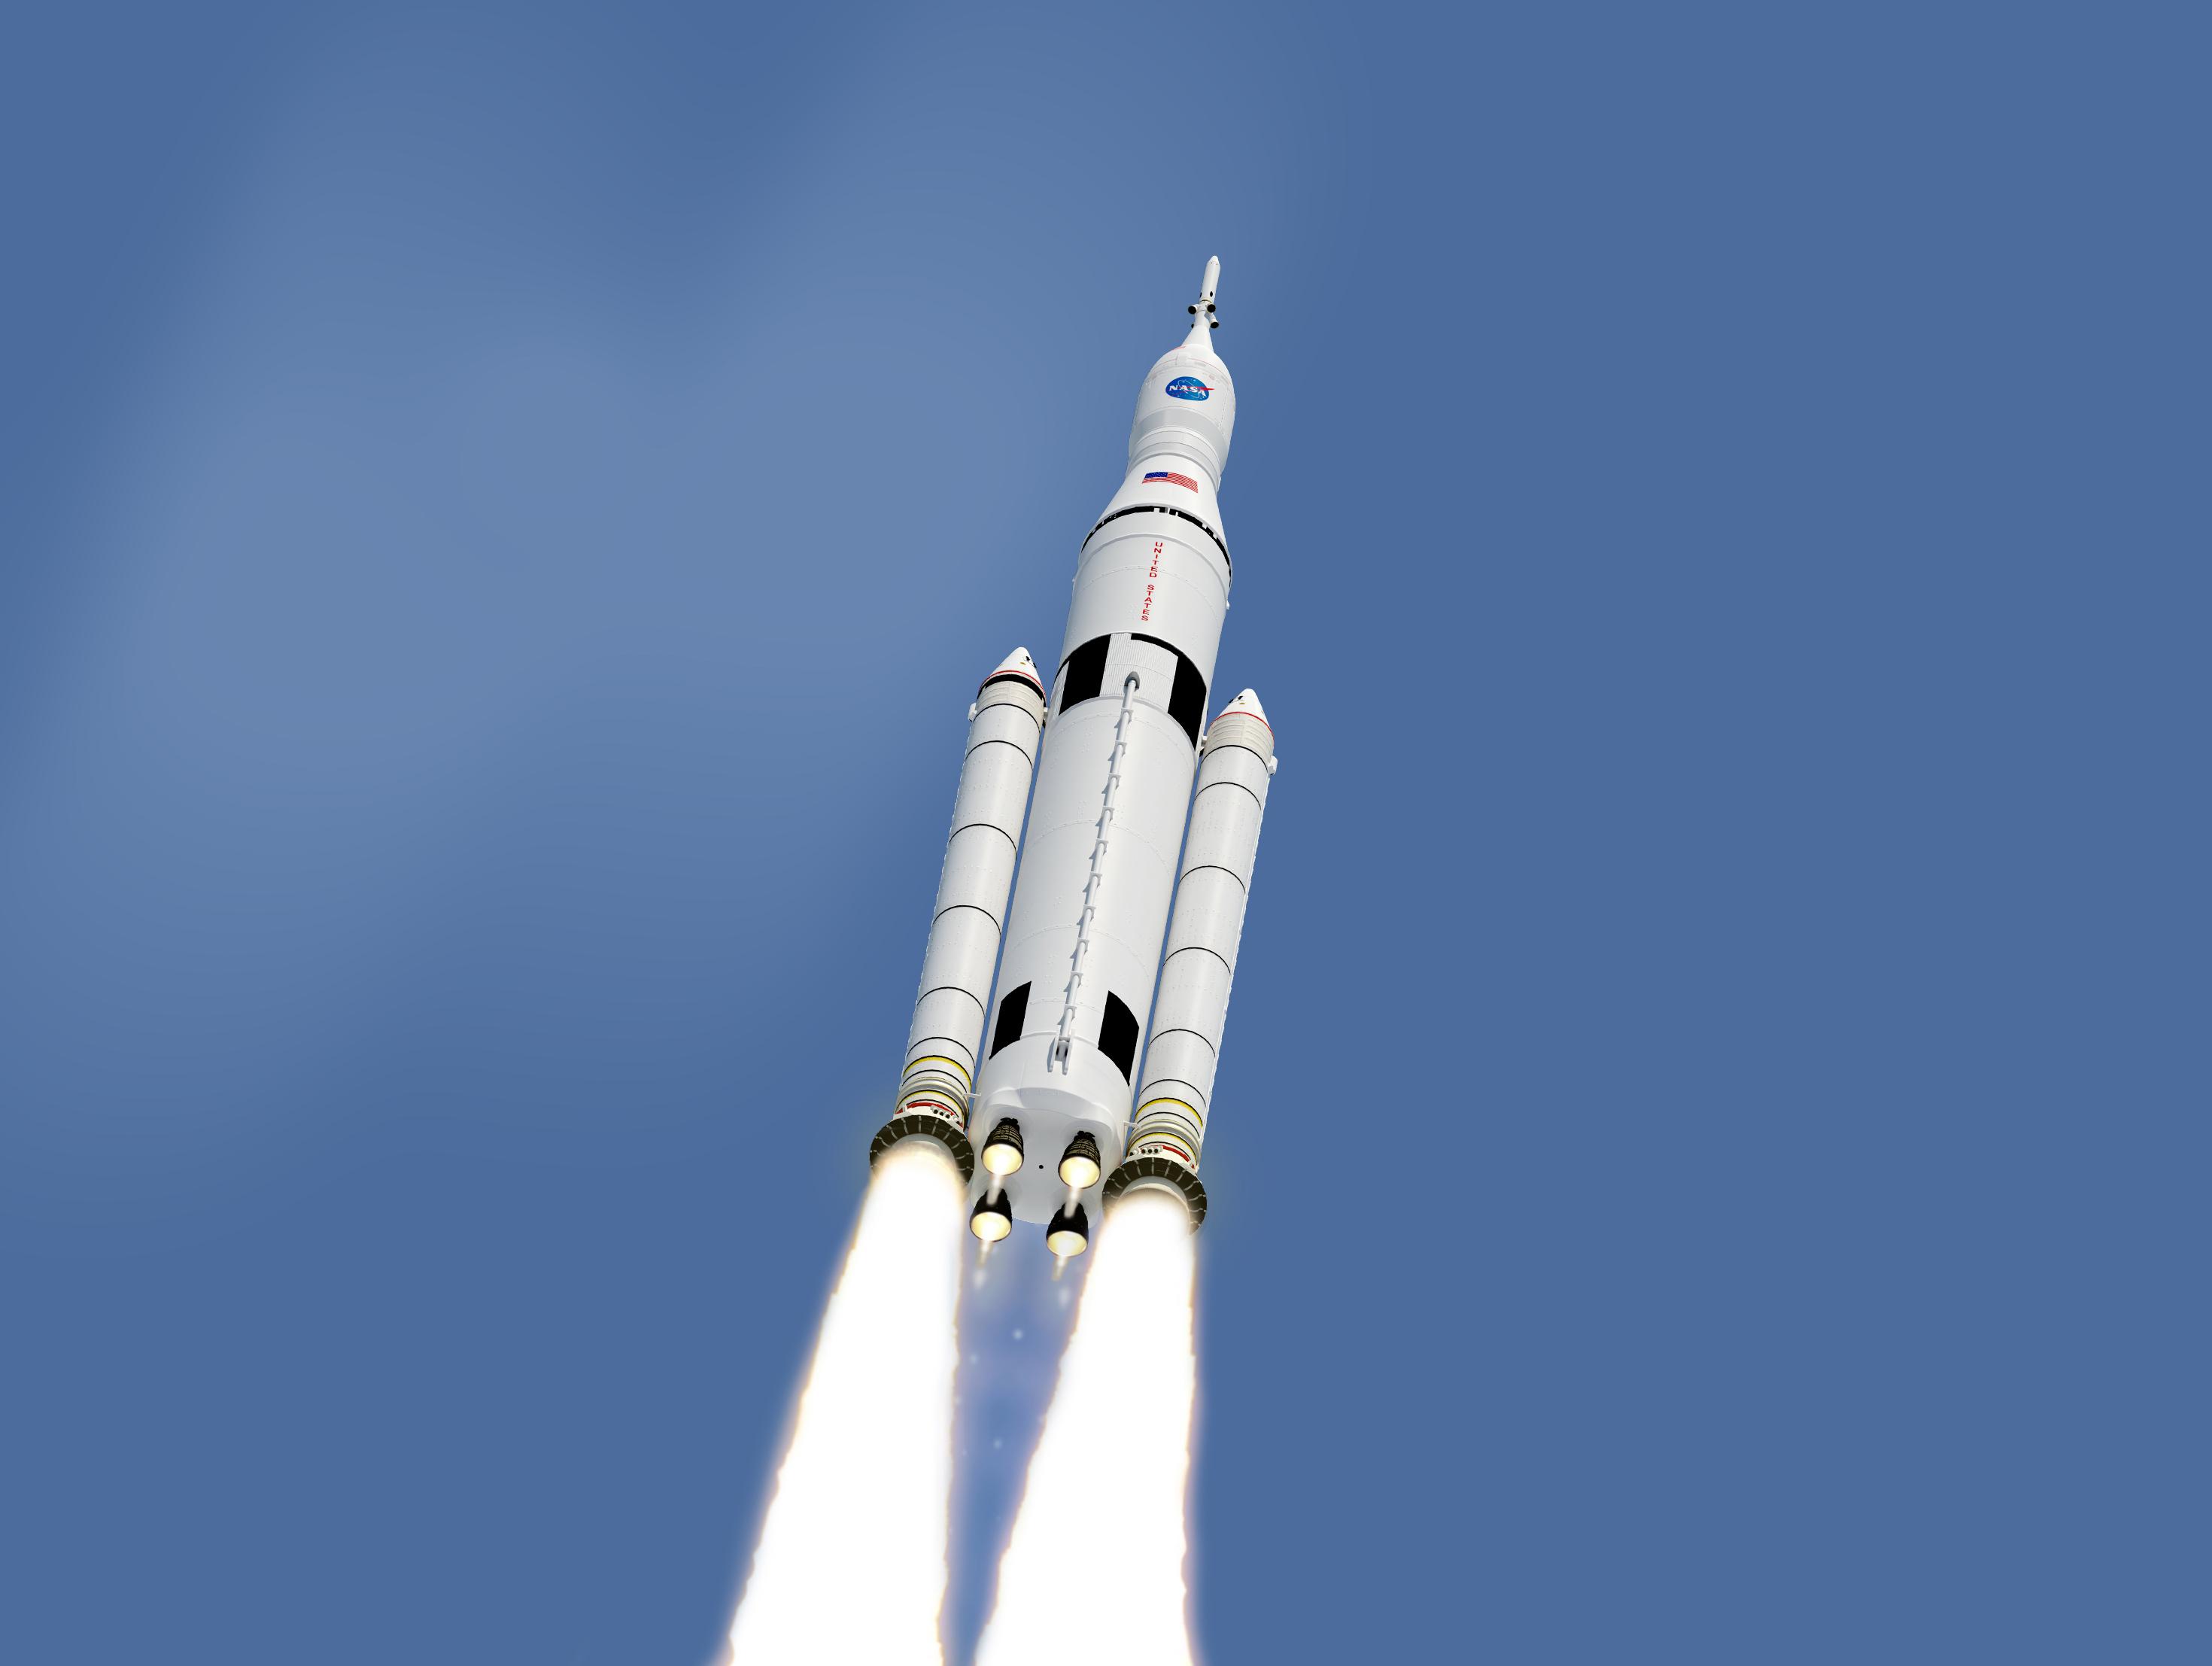 nasa food rocket today - HD1600×900